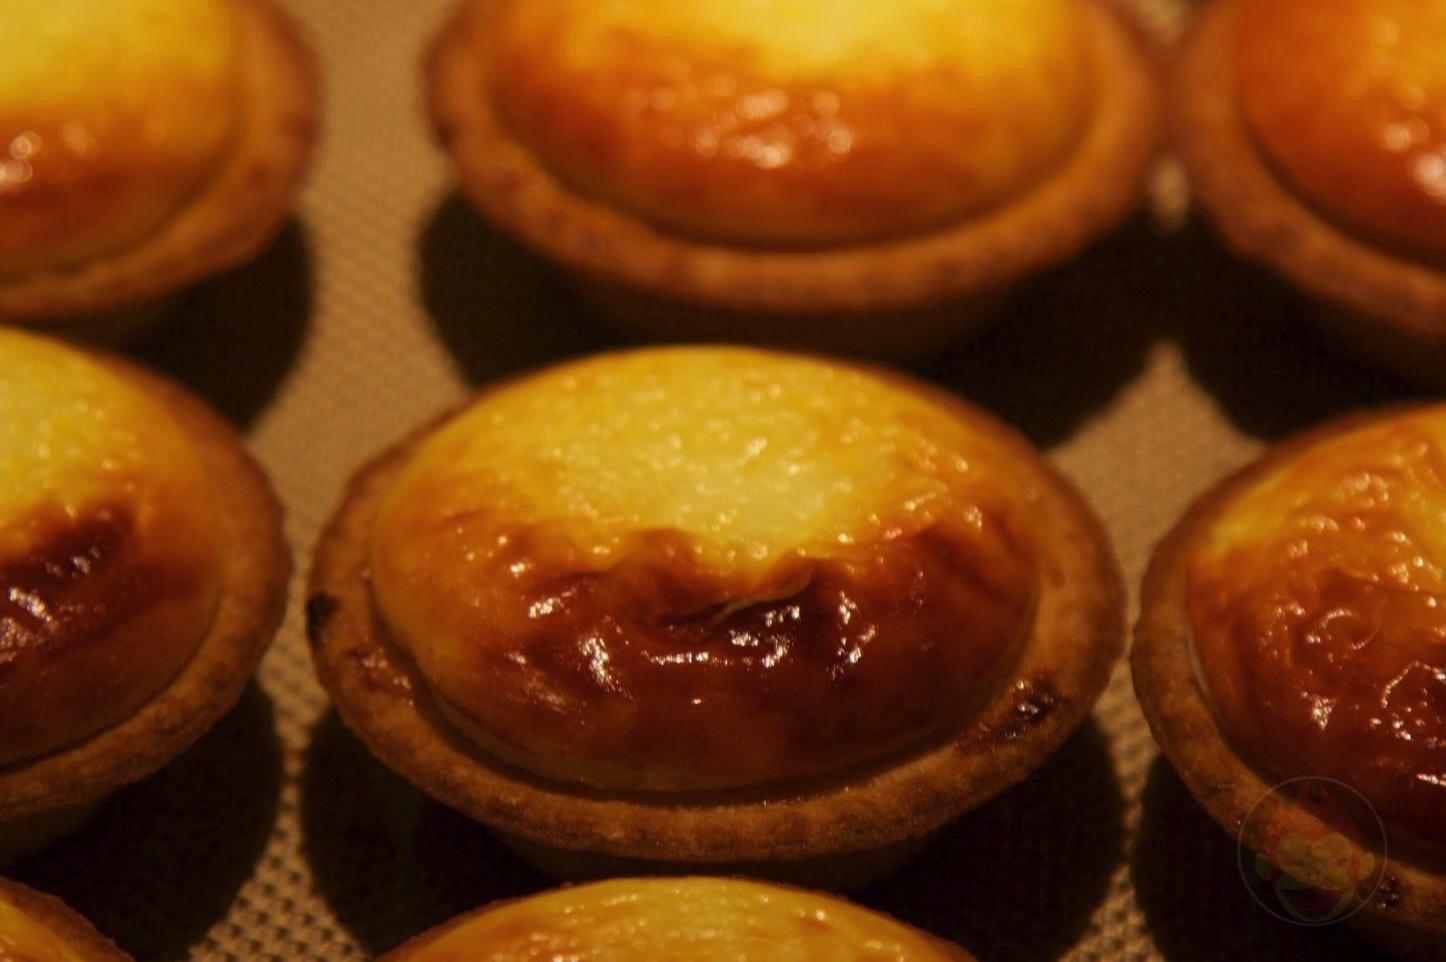 BAKE-CHEESE-TART-IKSPIARI-10.jpg